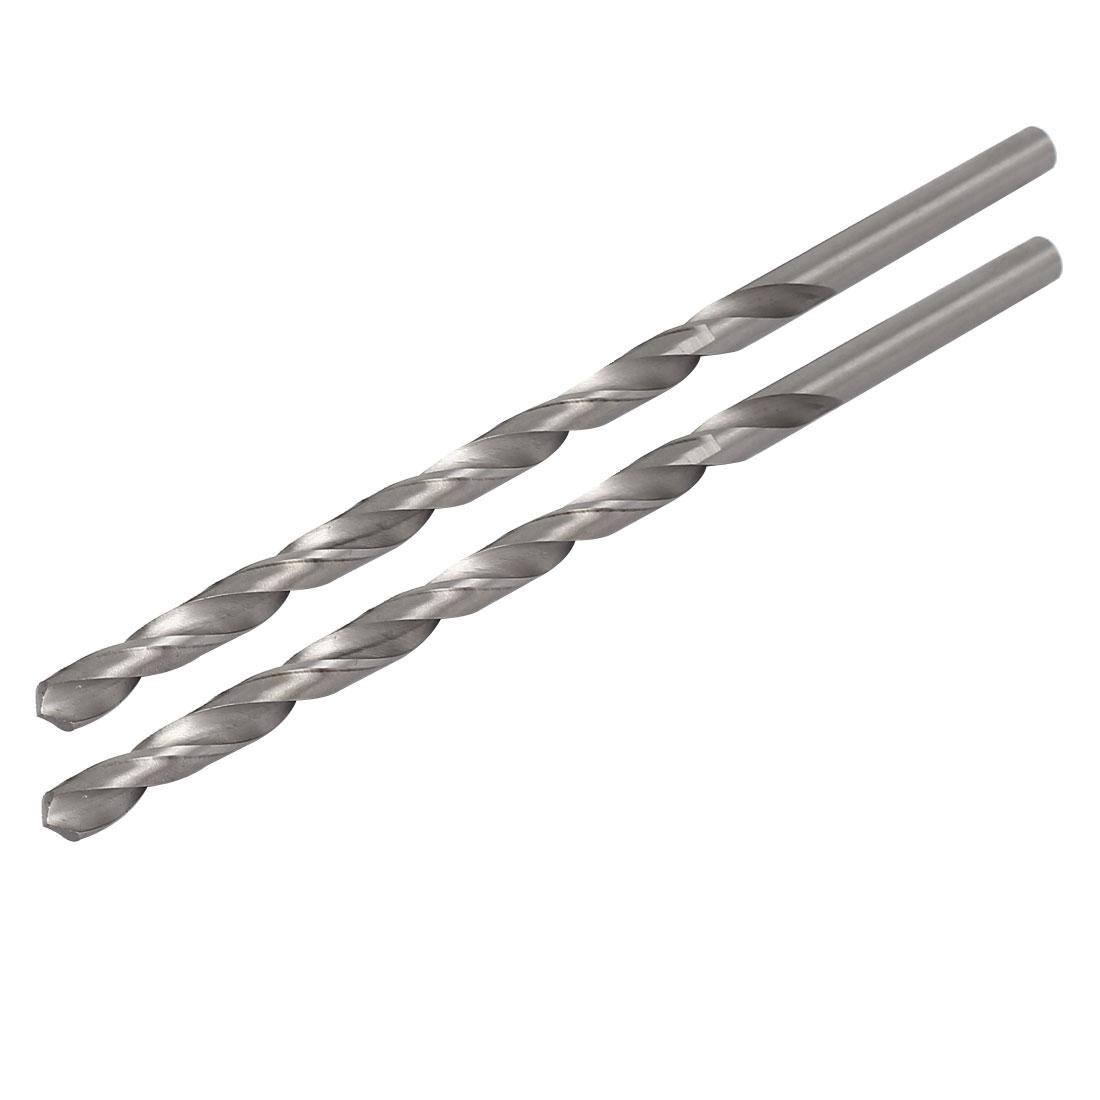 8mm Dia 200mm Long HSS Straight Round Shank Twist Drill Bit Drilling Tool 2pcs